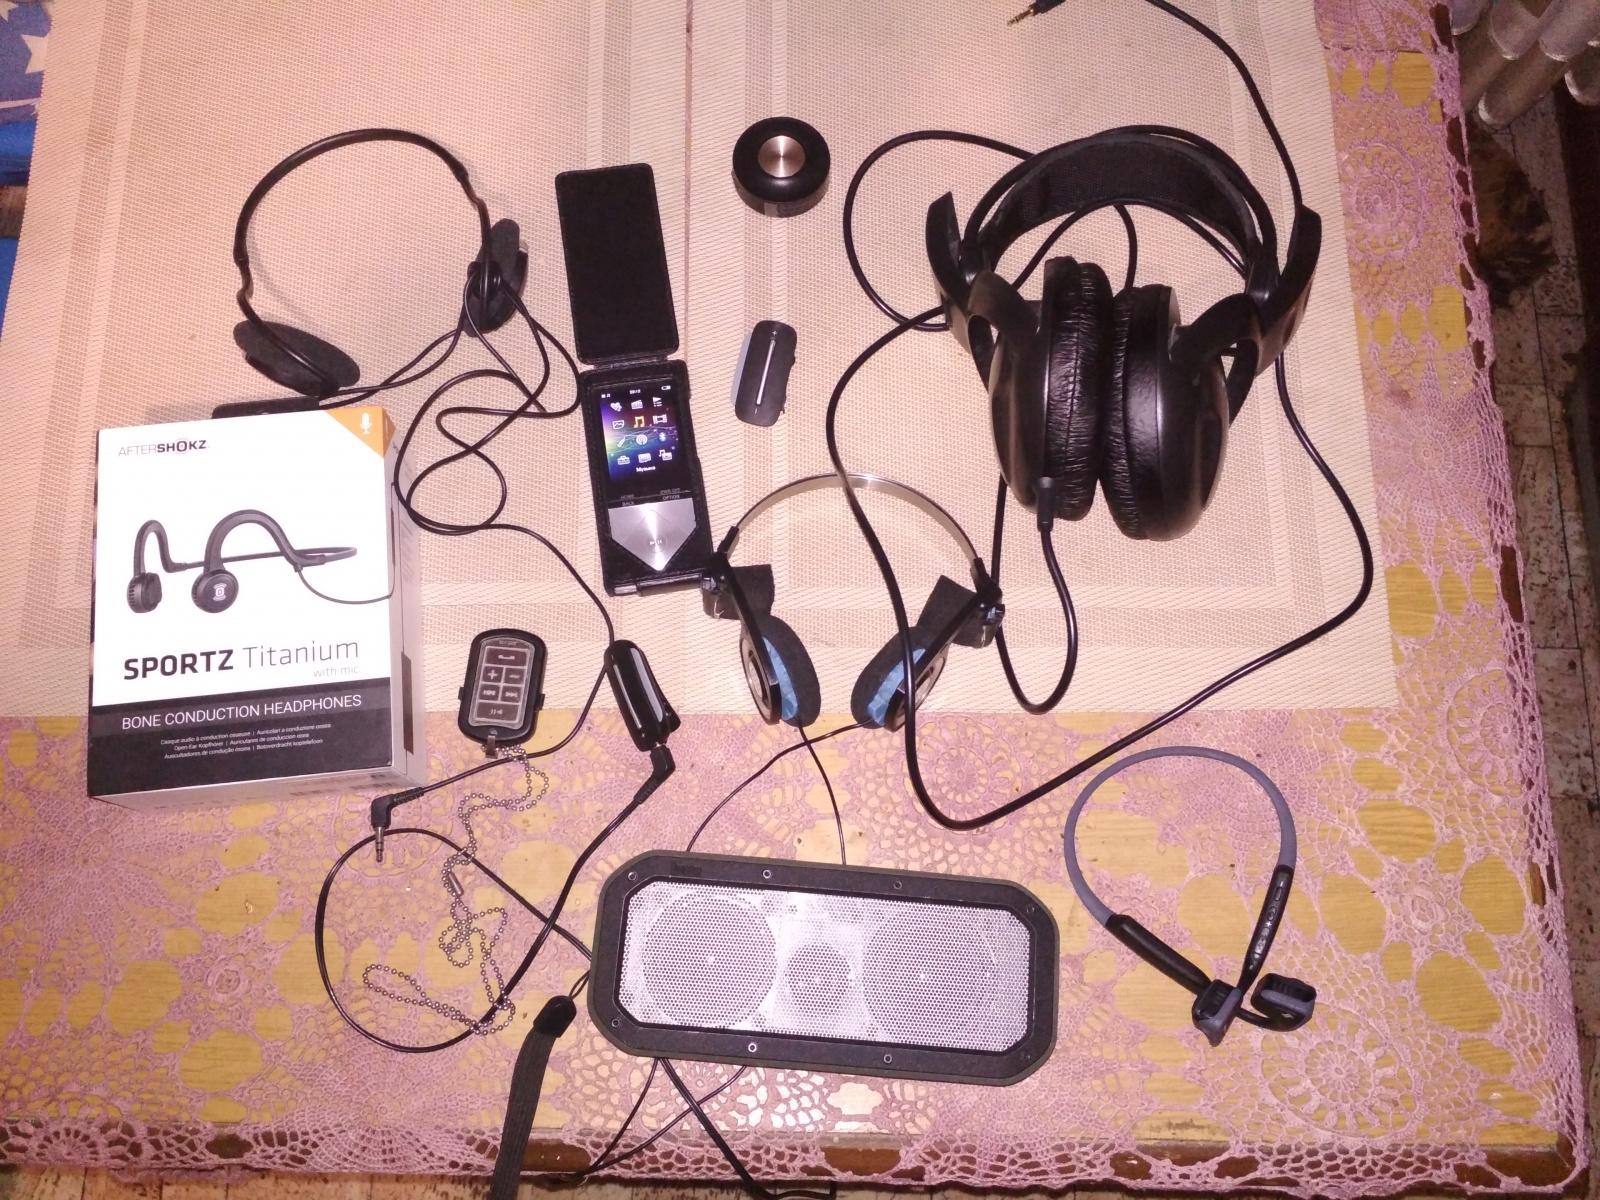 Беспроводные технологии передачи звука на базе Bluetooth: что же лучше? - 3